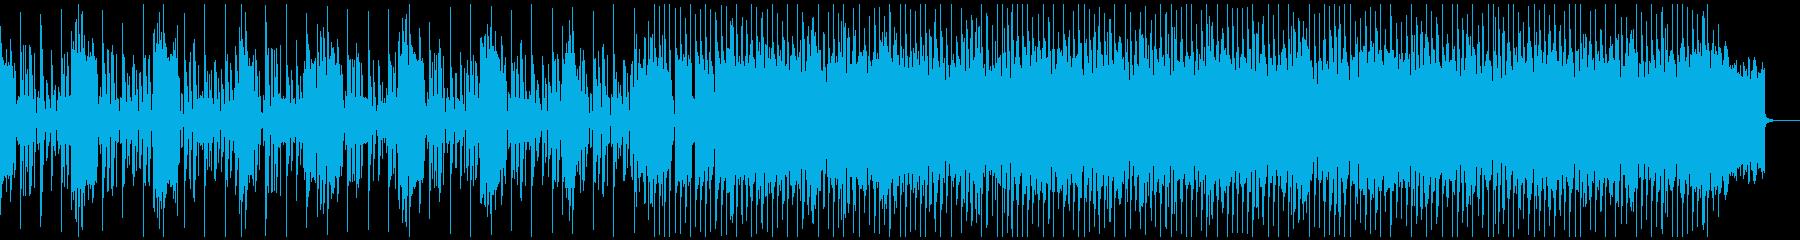 サスペンスから激しい場面に展開するテクノの再生済みの波形